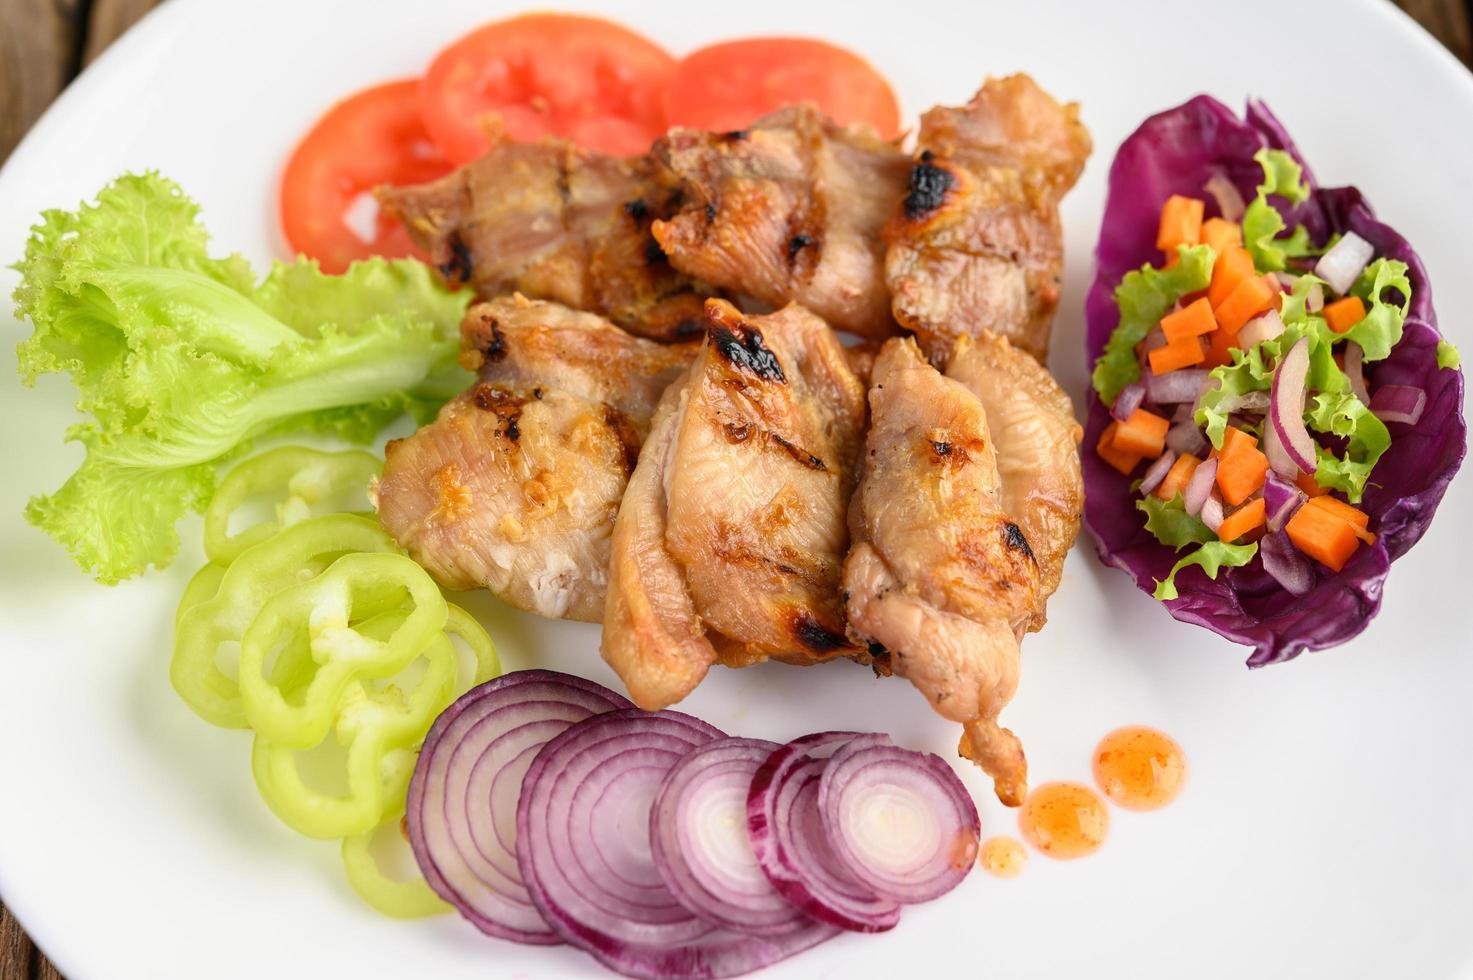 tranches de poulet grillé avec salade photo